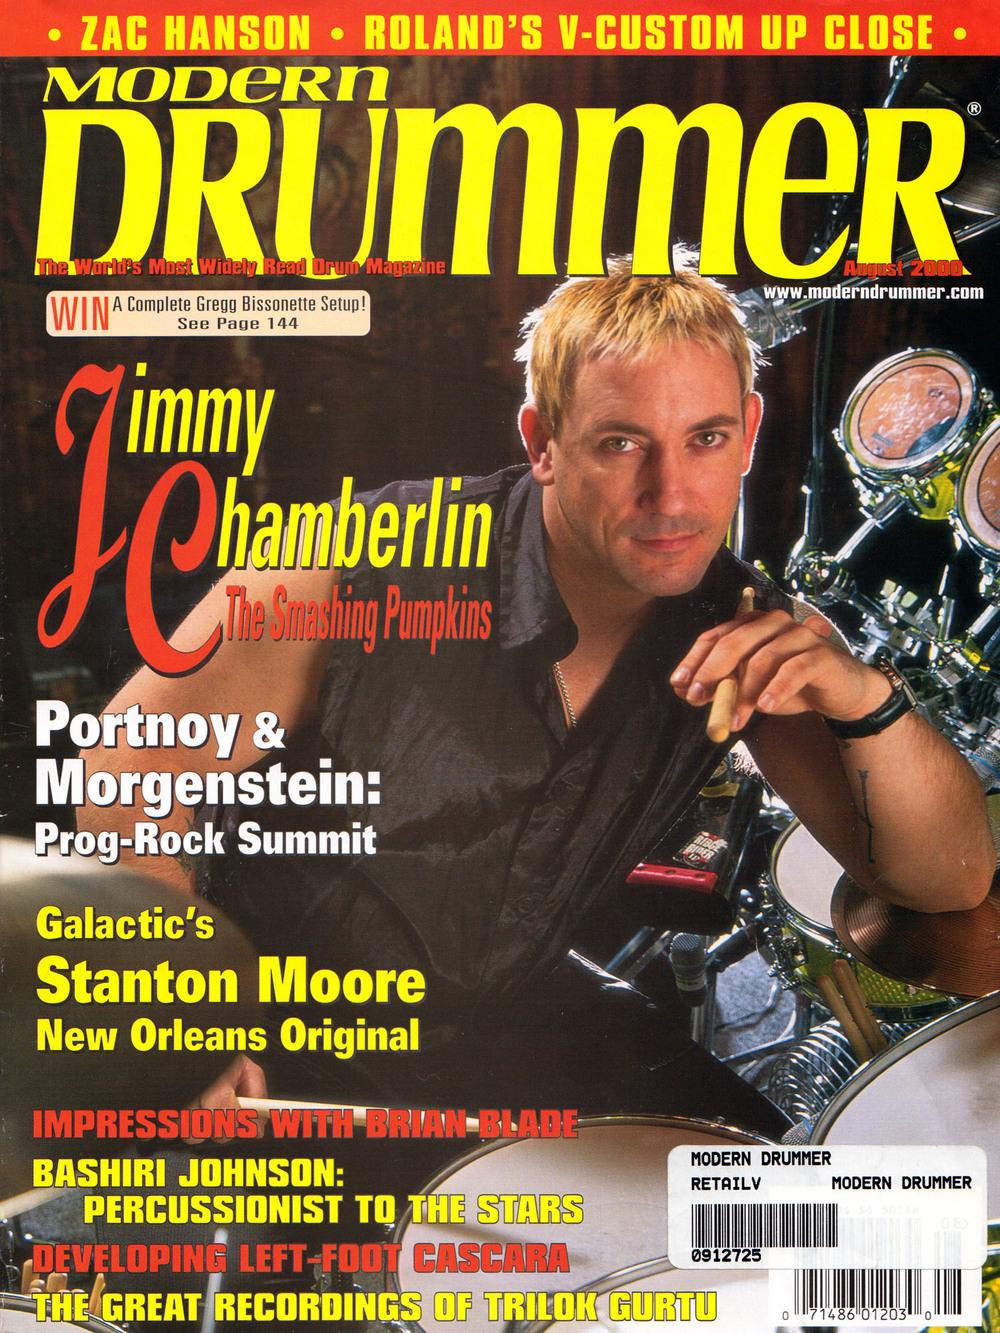 Modern Drummer Cover.jpg